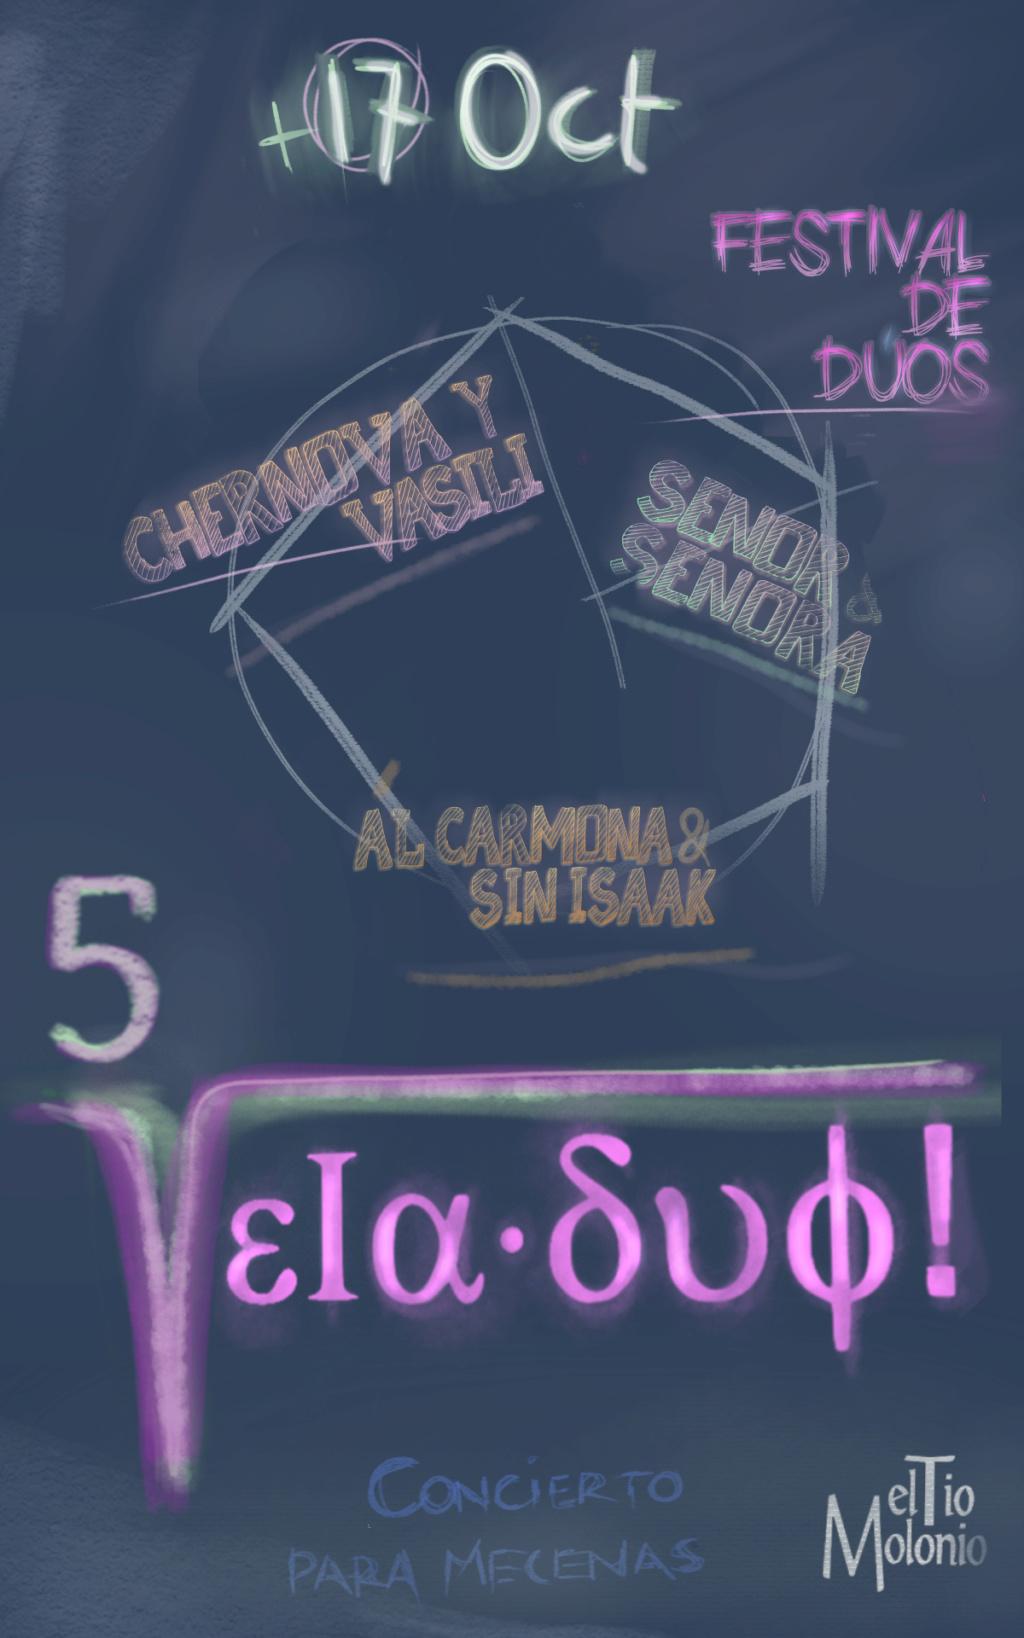 Veladúo VI: festival de dúos #Valladolid..(22, 23 octubre) Criminal pentatónico, el puto fary, Elsanbenito... - Página 8 Sketch11